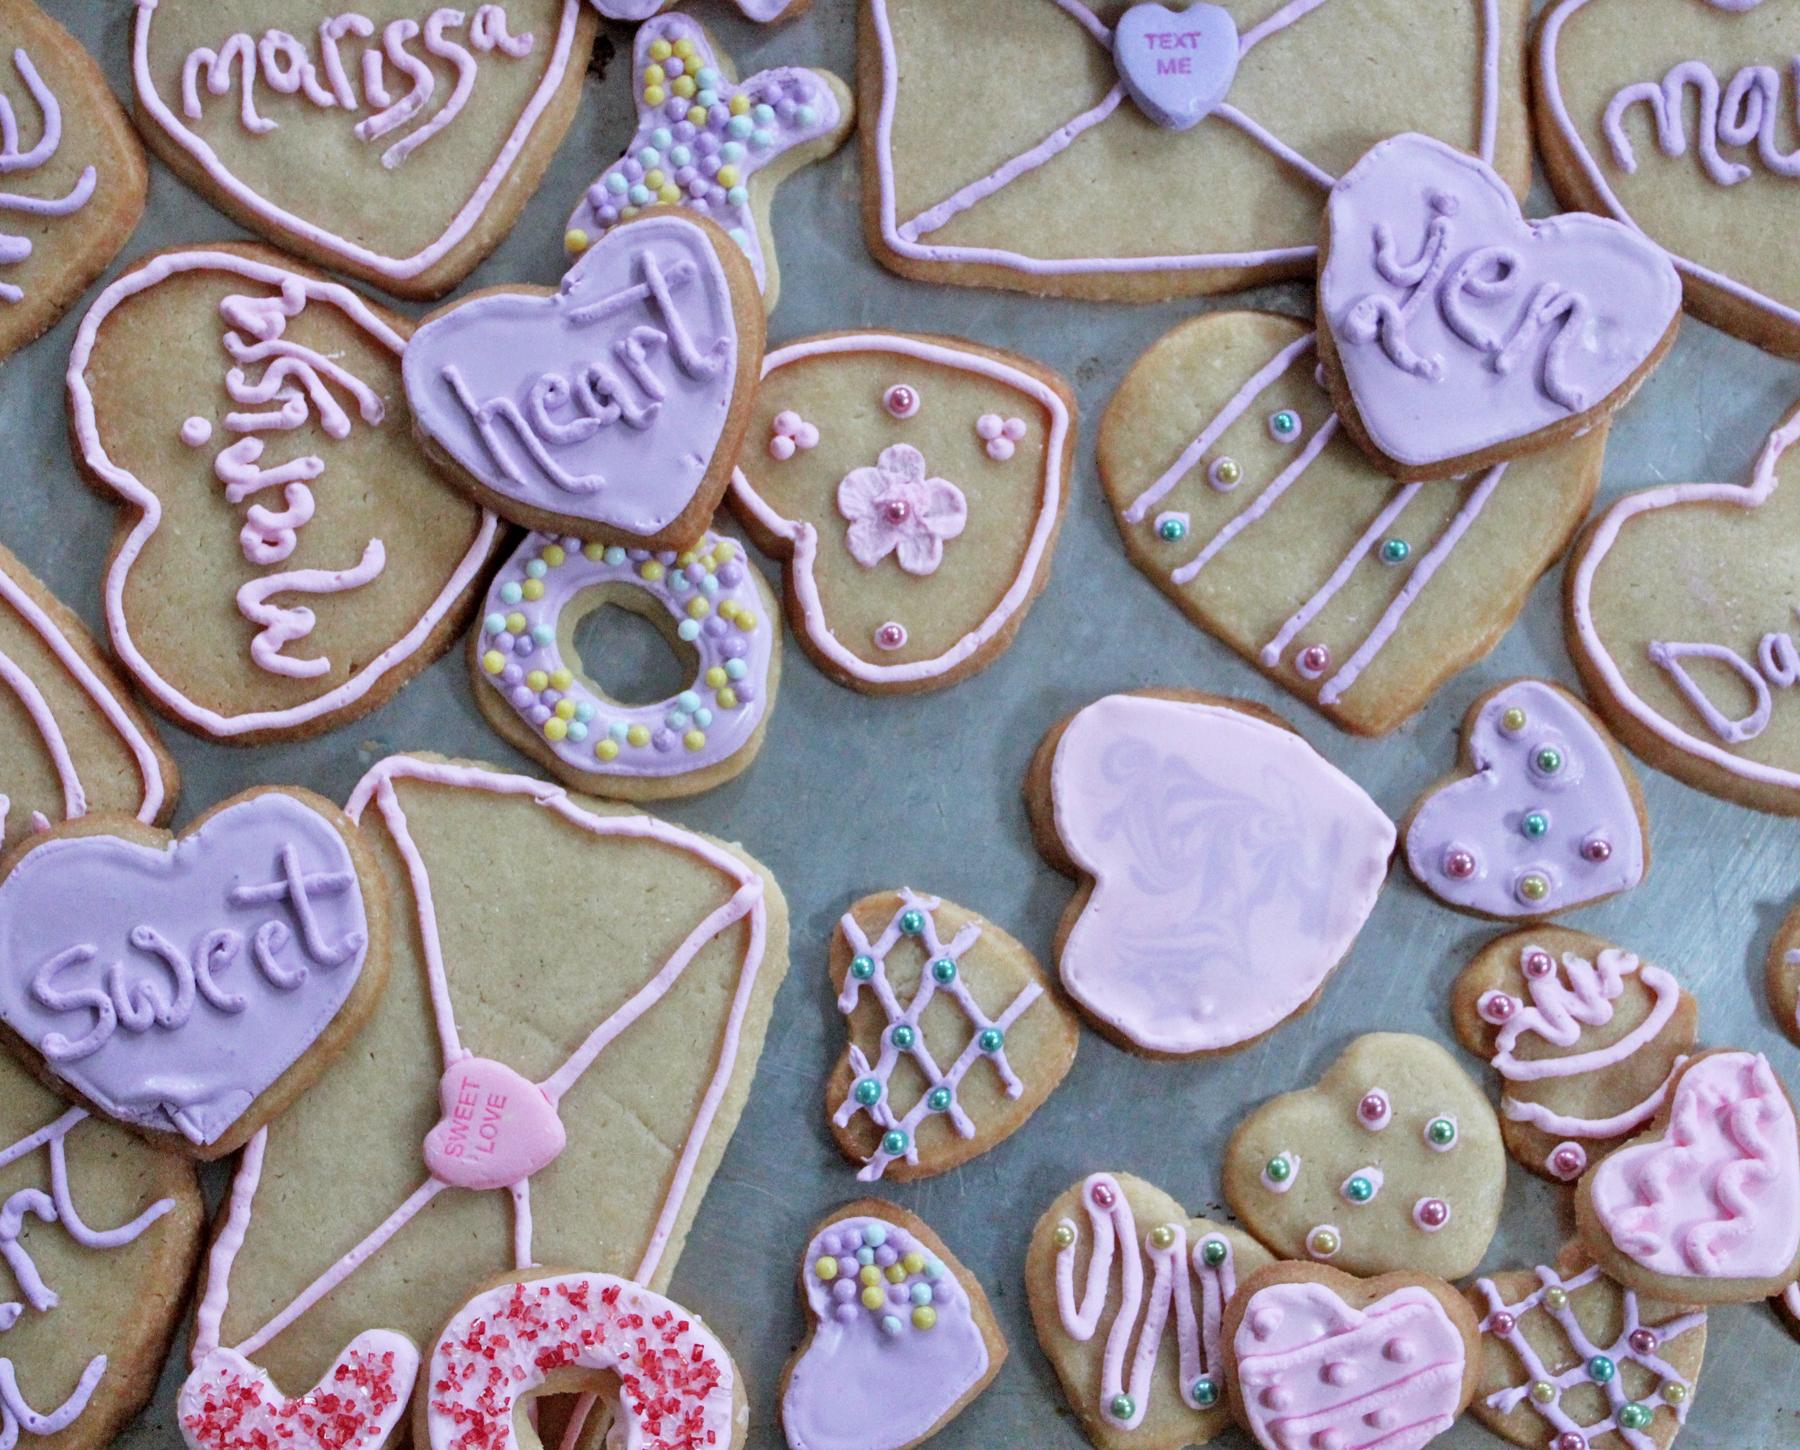 vday-cookies-2